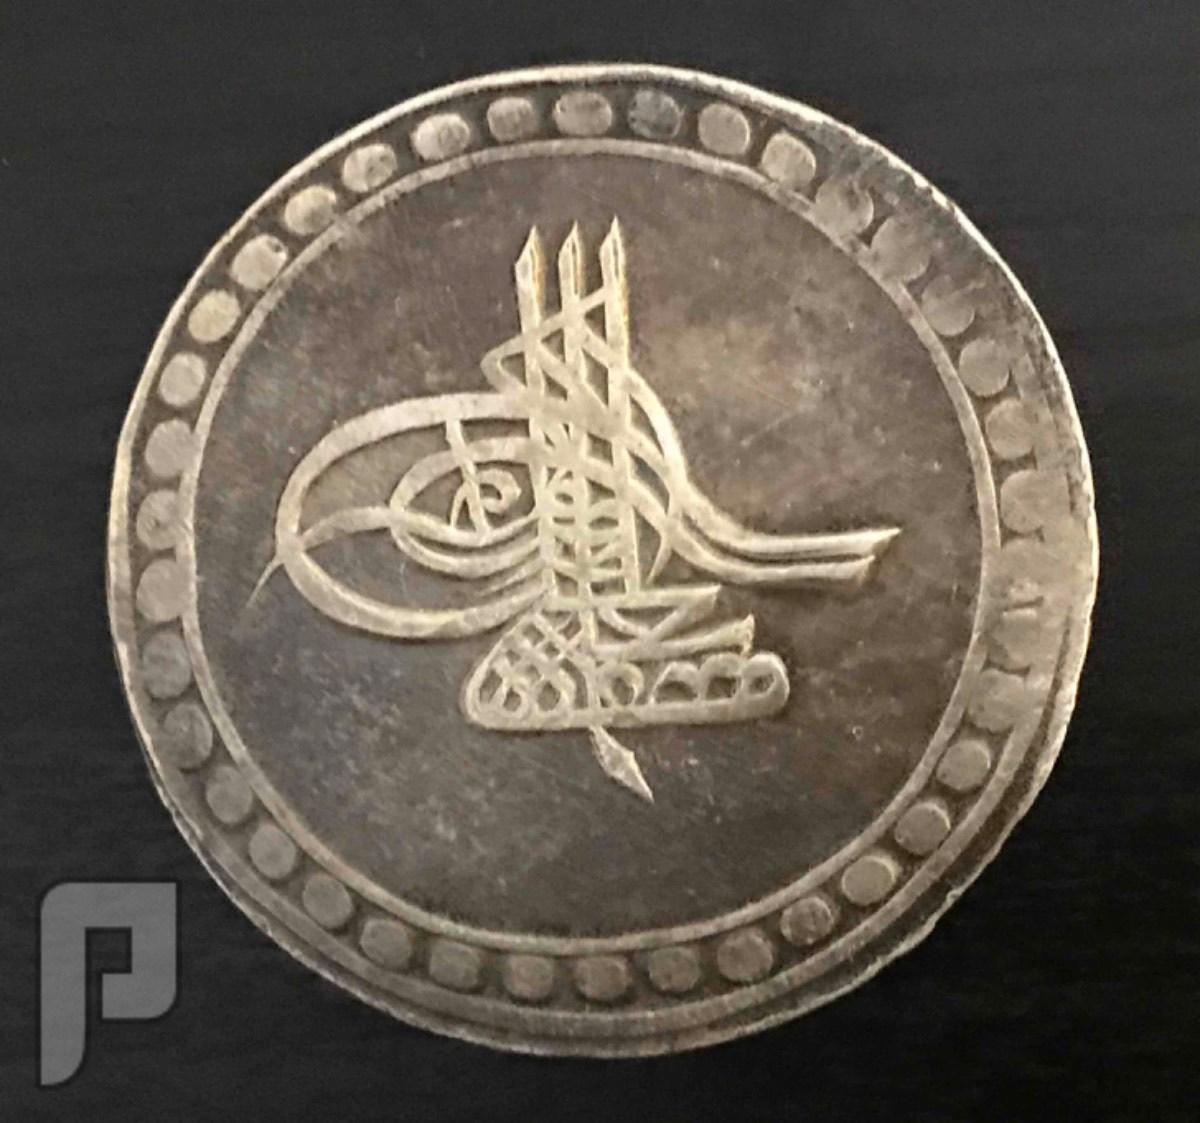 عملات عثمانيه ضرب اسلامبول وسلطان البرين ومجيدي